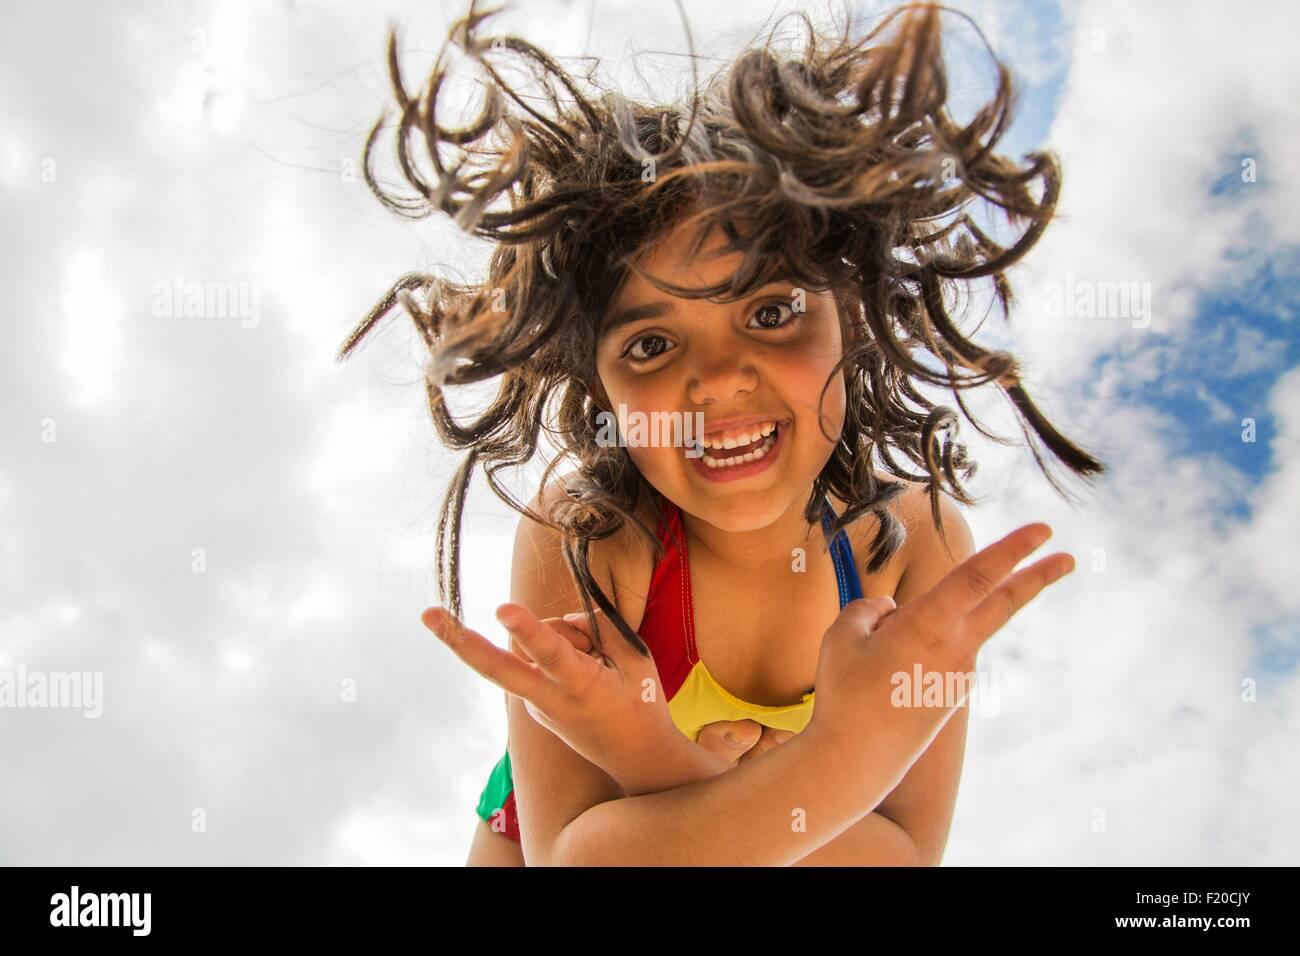 Low angle portrait de fille avec de longs cheveux bouclés en équilibre sur le pied de quelqu'un de Photo Stock